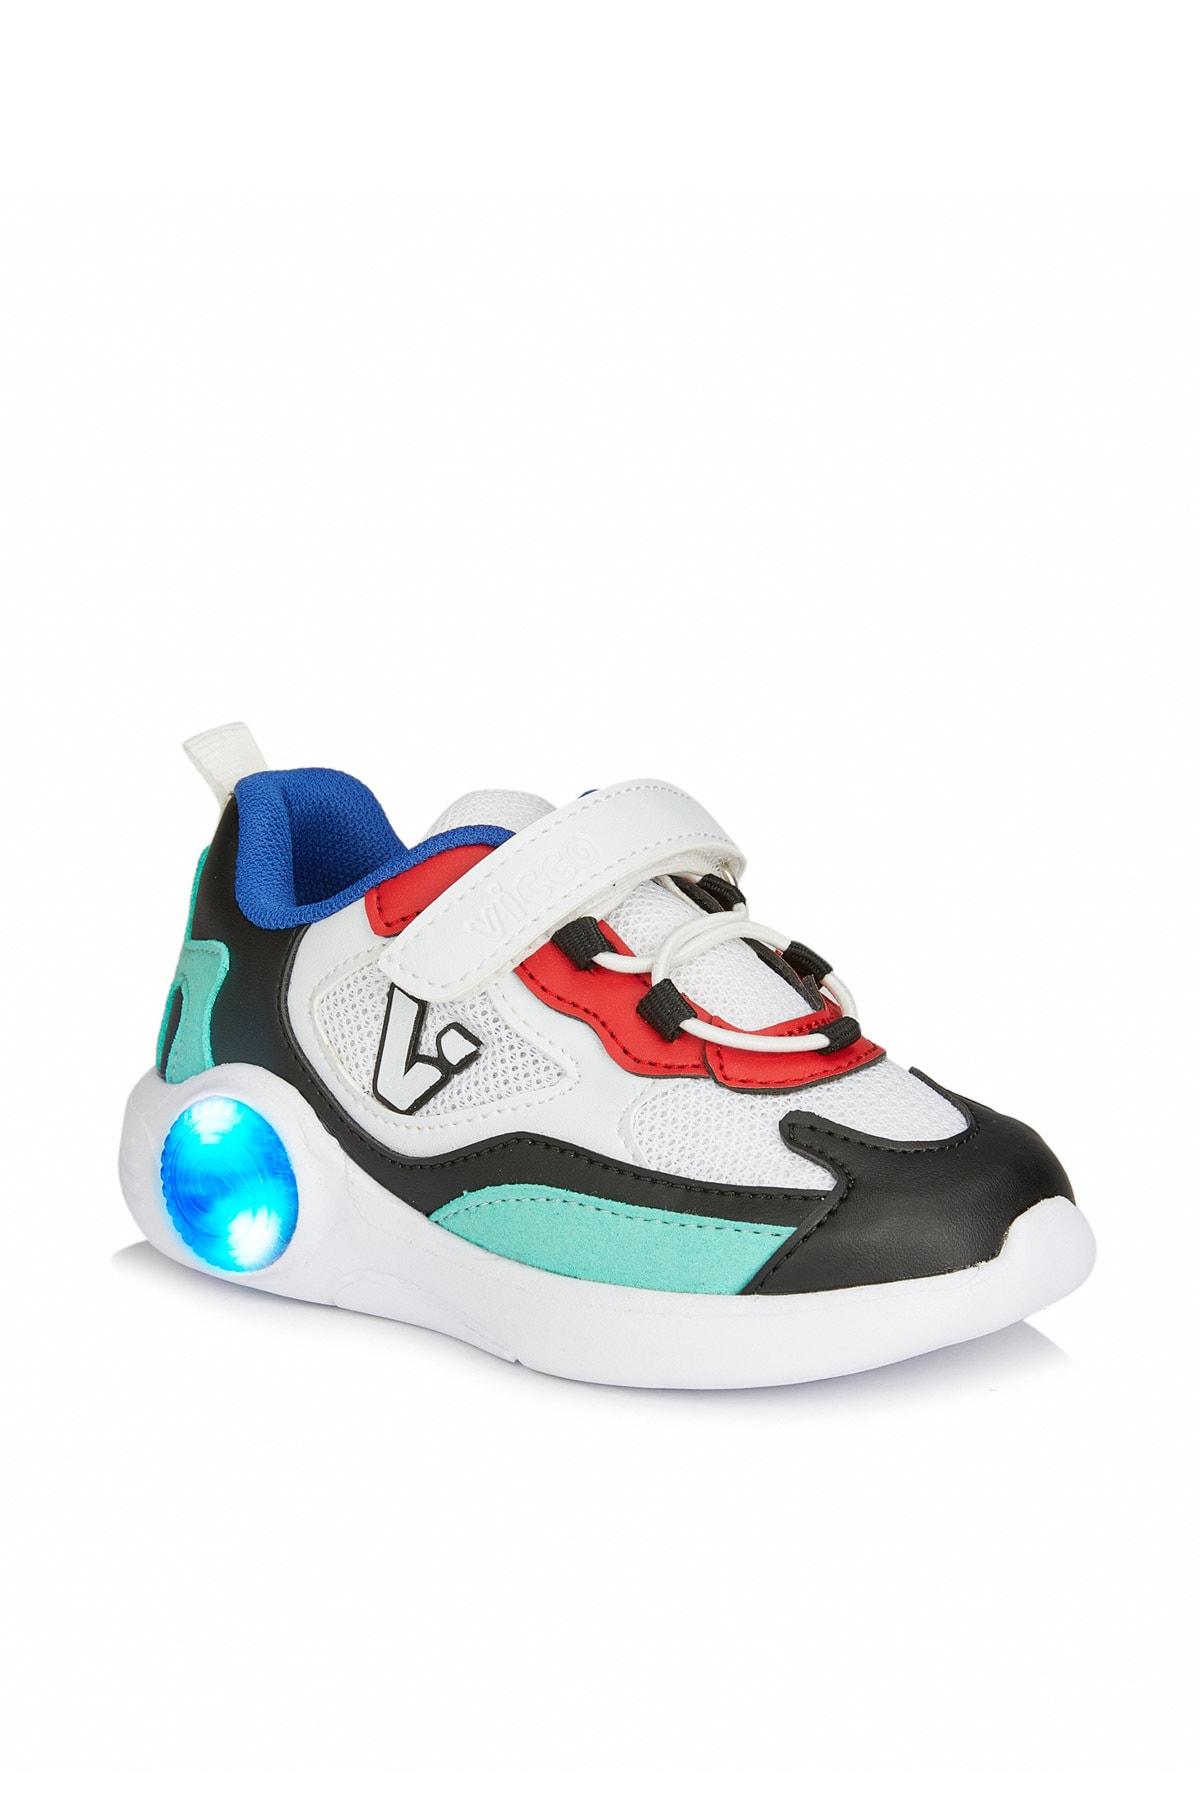 Vicco Yoda Unisex Bebe Beyaz/siyah Spor Ayakkabı 1